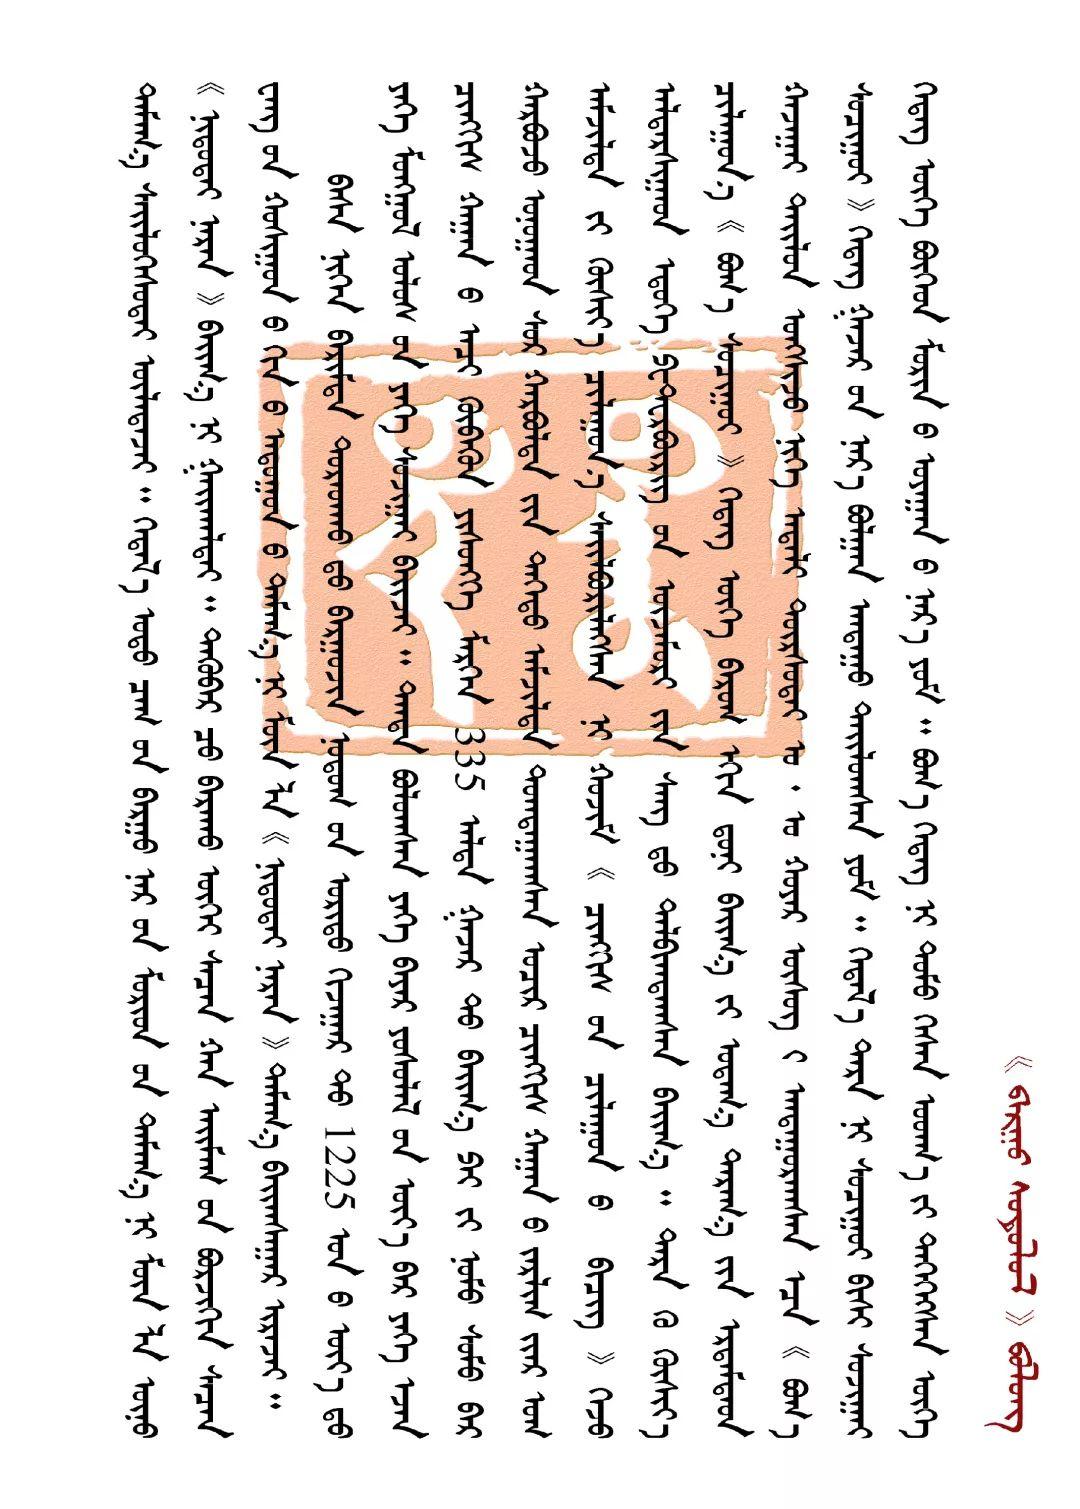 巴尔虎研究 【第三期】 第10张 巴尔虎研究 【第三期】 蒙古文化